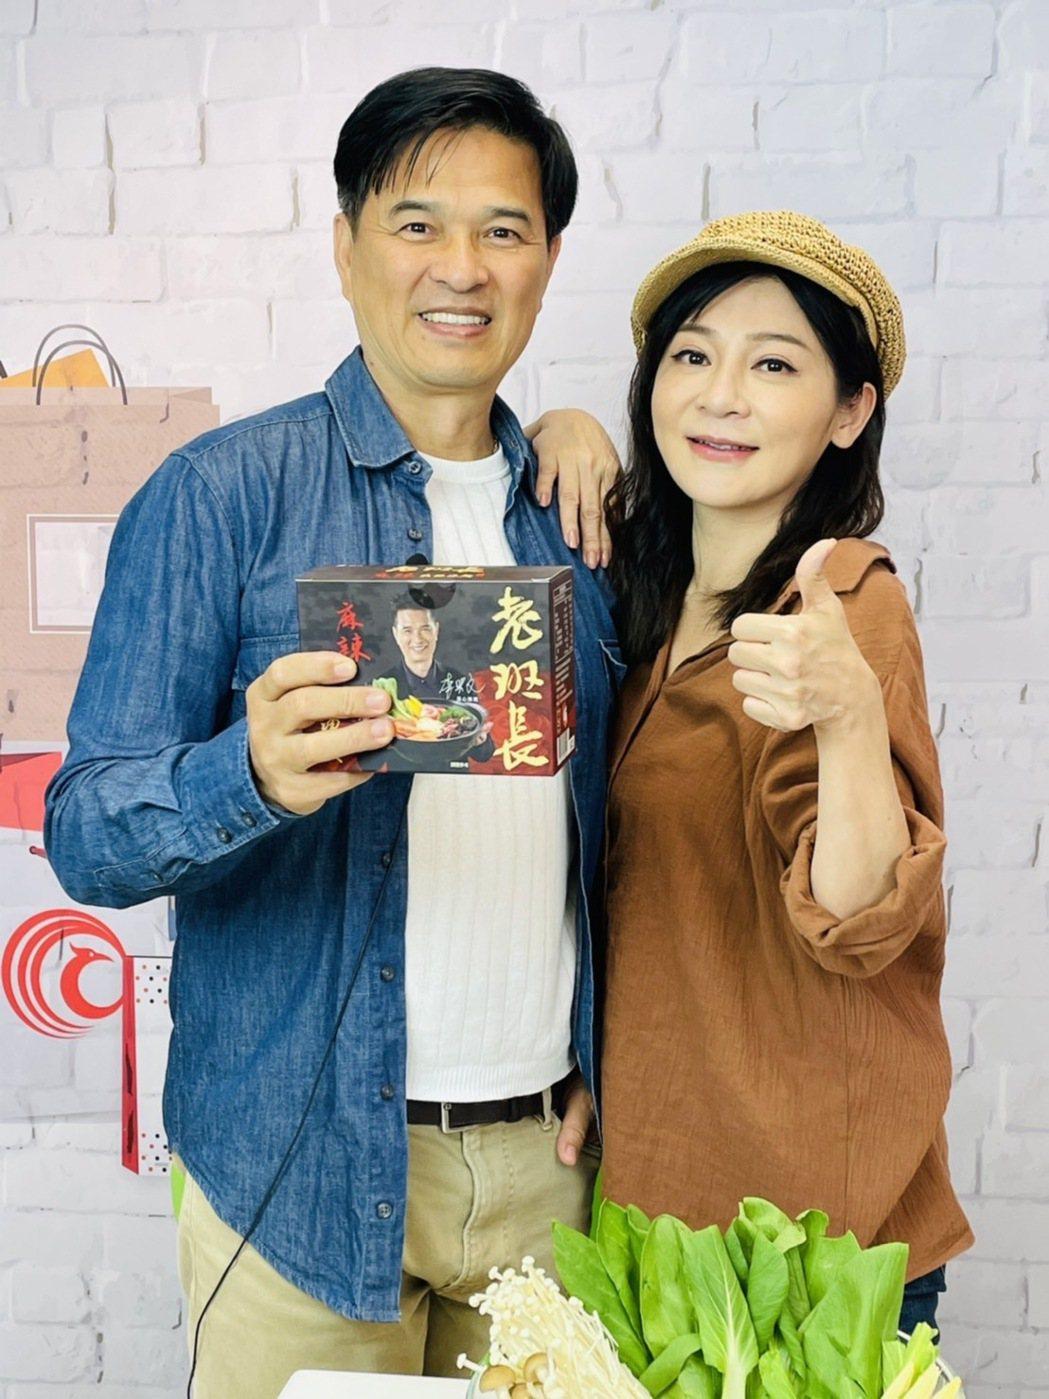 李興文為了挺王彩樺,送2大箱湯麵慰勞8點檔劇組。圖/民視提供